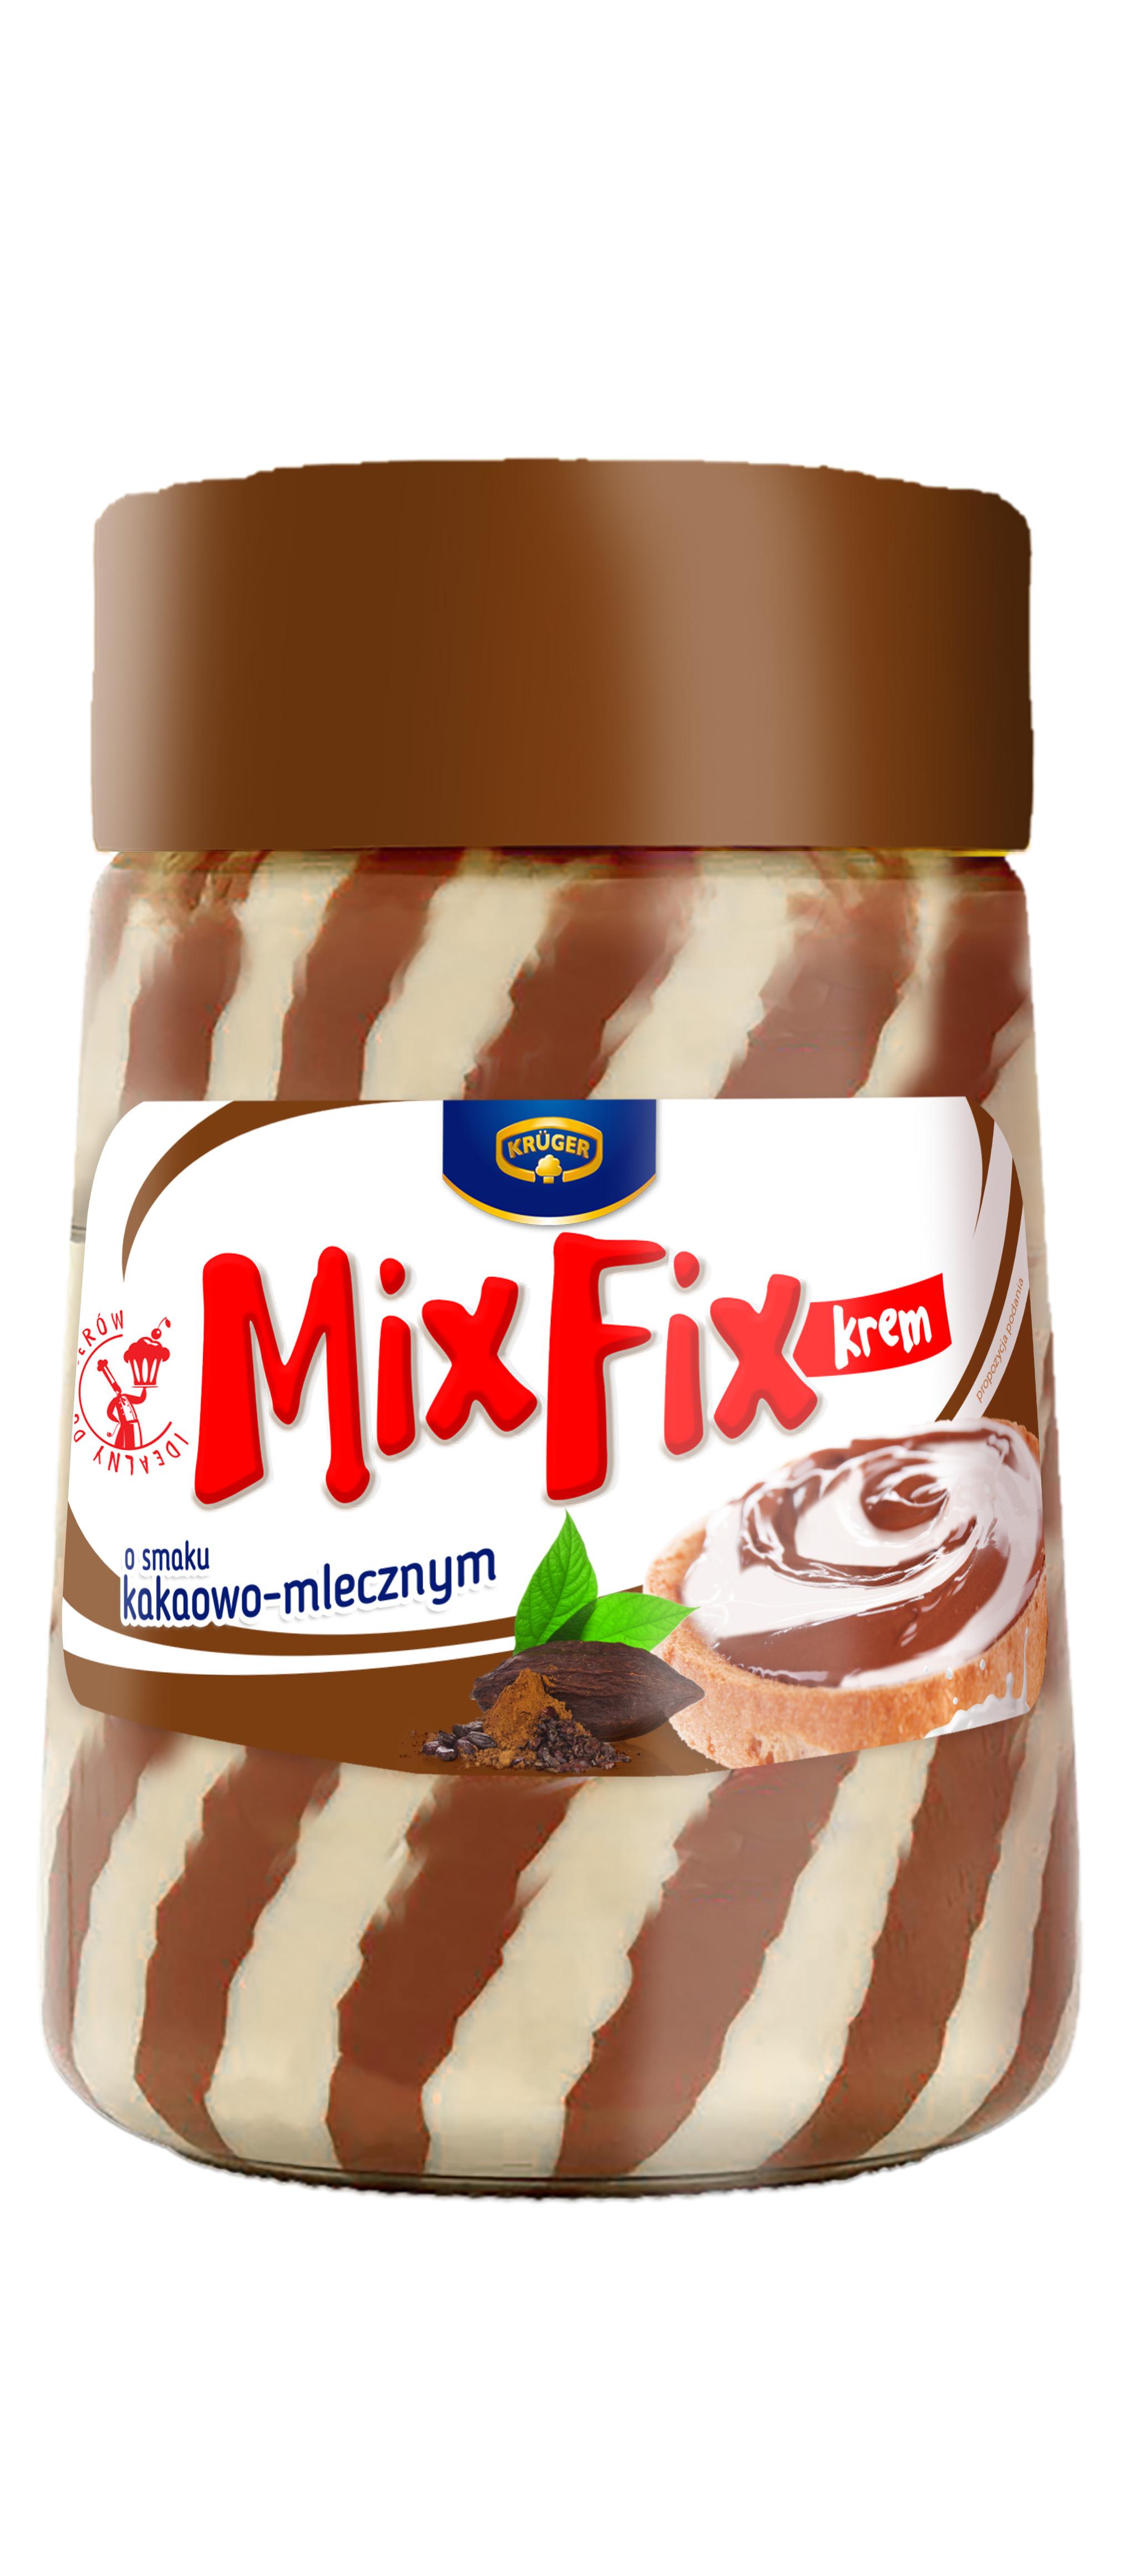 Mix Fix krem o smaku kakaowo-mlecznym